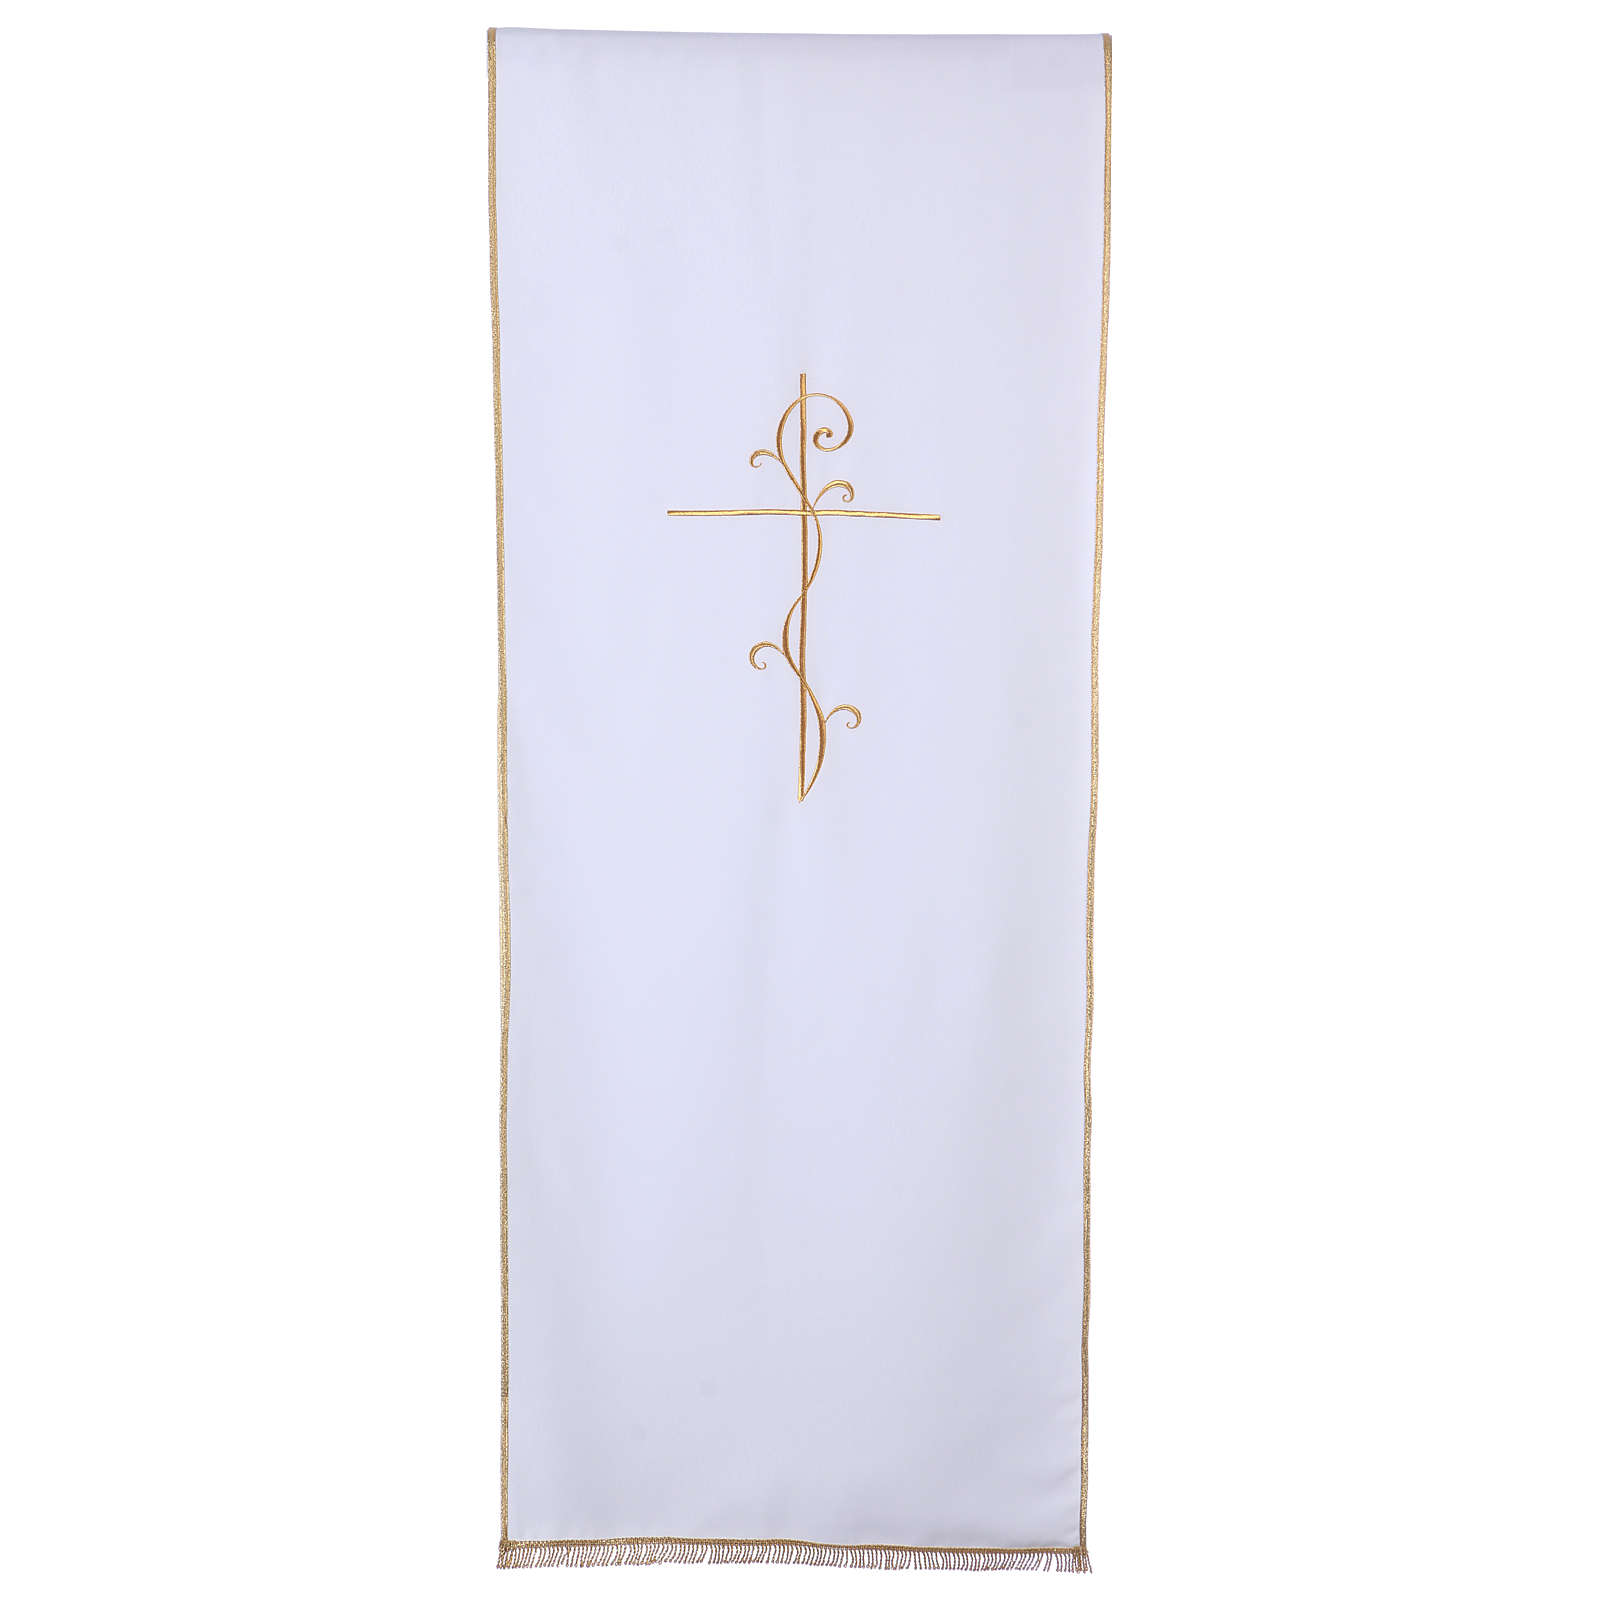 Véu para ambão tecido Vatican poliéster bordado cruz 4